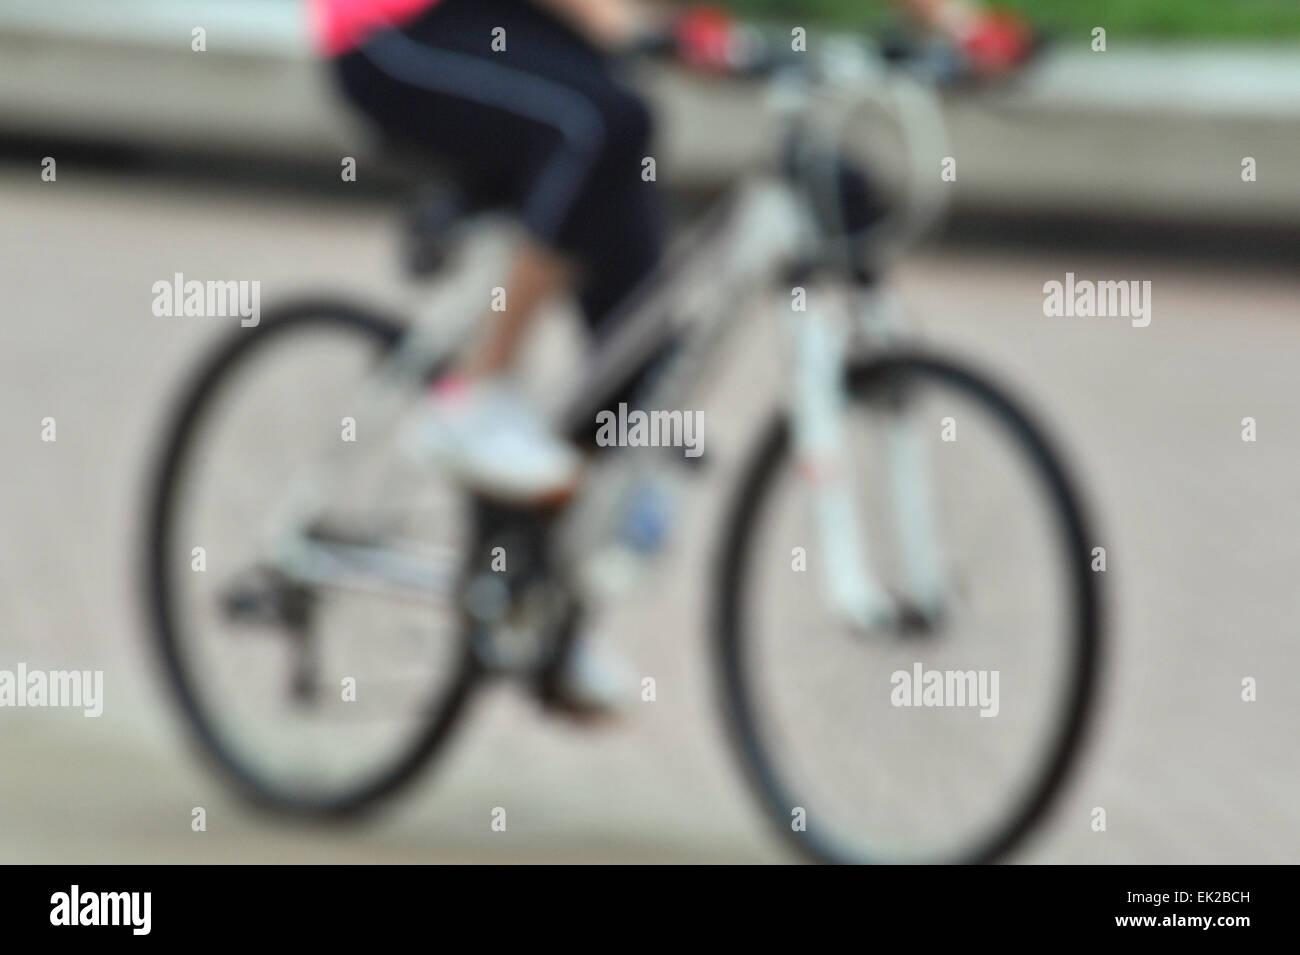 Focus blur, moviendo las piernas de una mujer adulta en bicicleta al aire libre, como parte de su rutina diaria Imagen De Stock